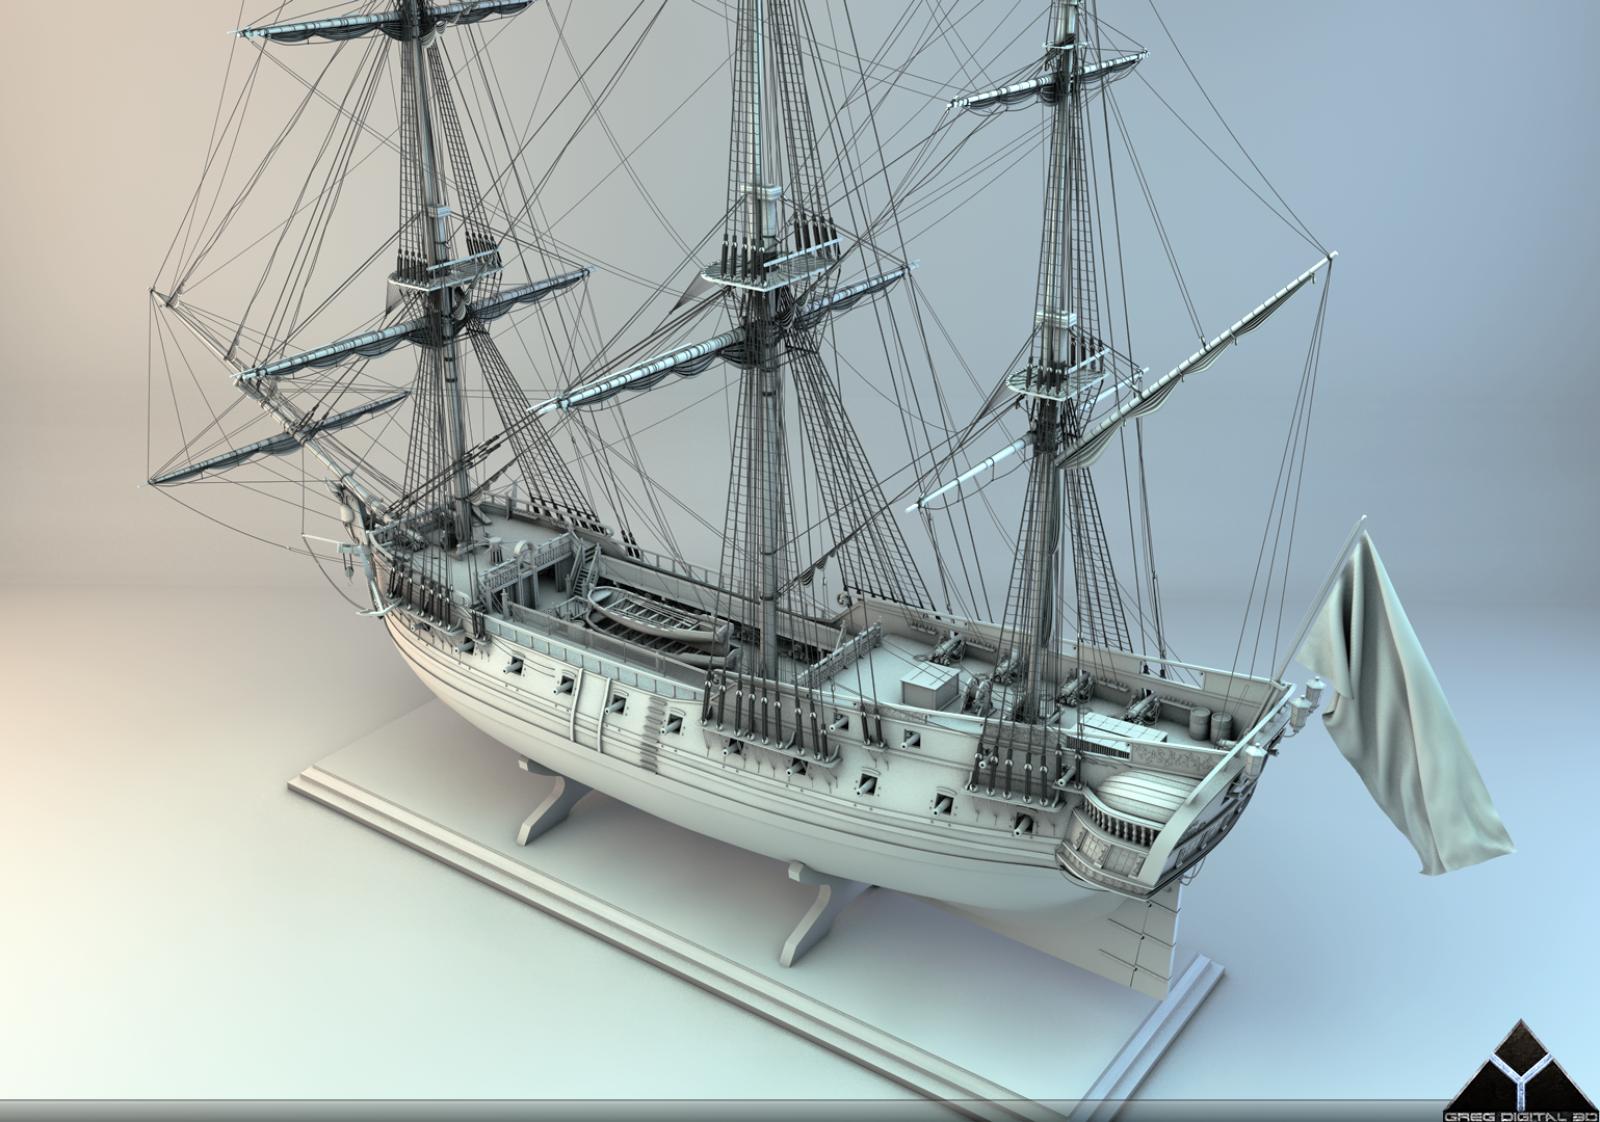 Frégate 36 canons XVIII° [Création 3D] par Greg_3D - Page 4 431250FrgatelightroomR163